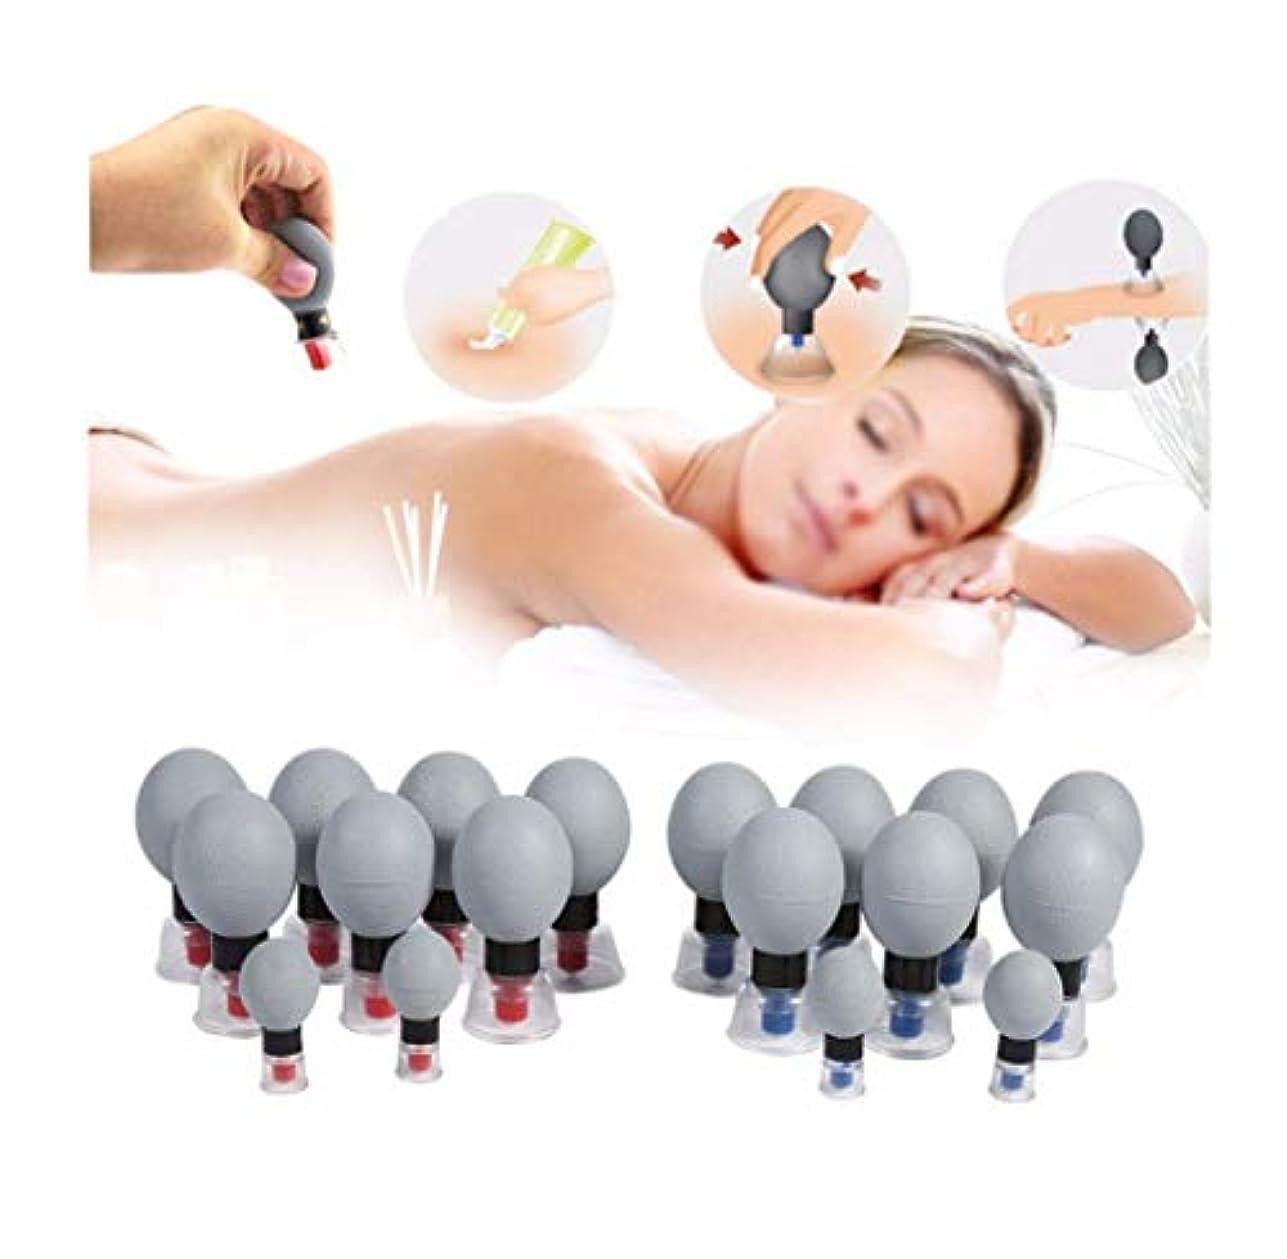 花評価病気の真空カッピングセット、TCM磁気療法指圧吸引カップ、マッサージ筋肉関節痛を軽減する鍼灸マッサージジャー,18pieces